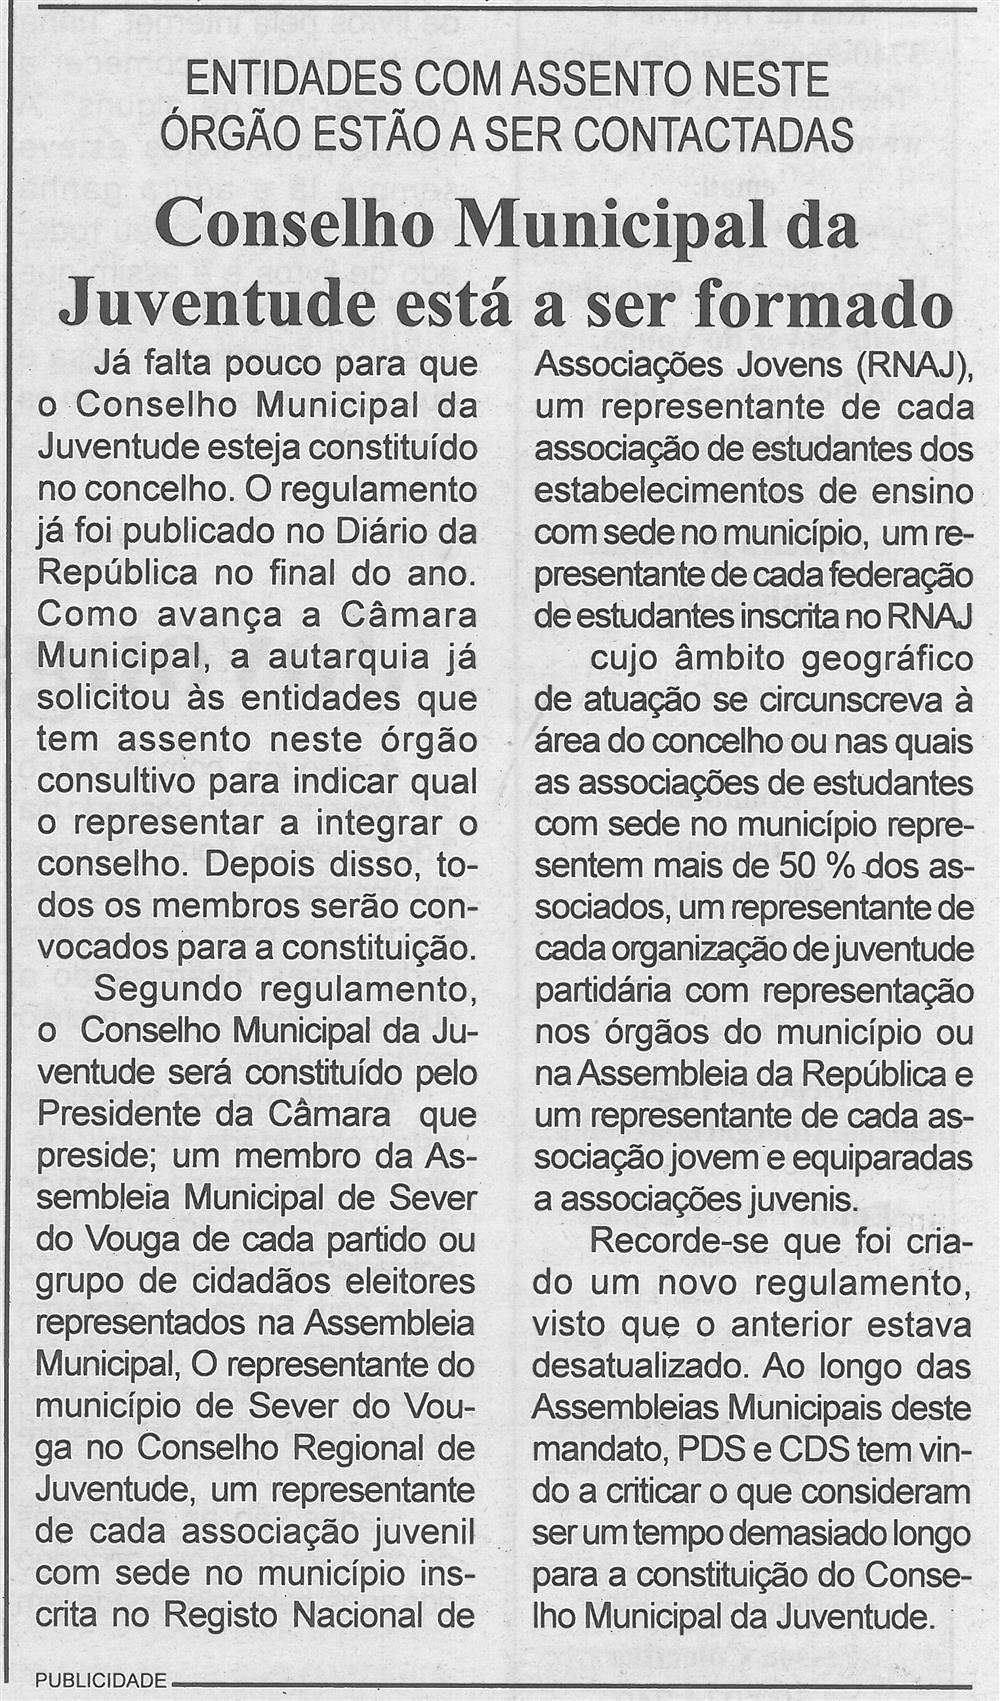 Conselho Municipal da Juventude está a ser formado.jpg